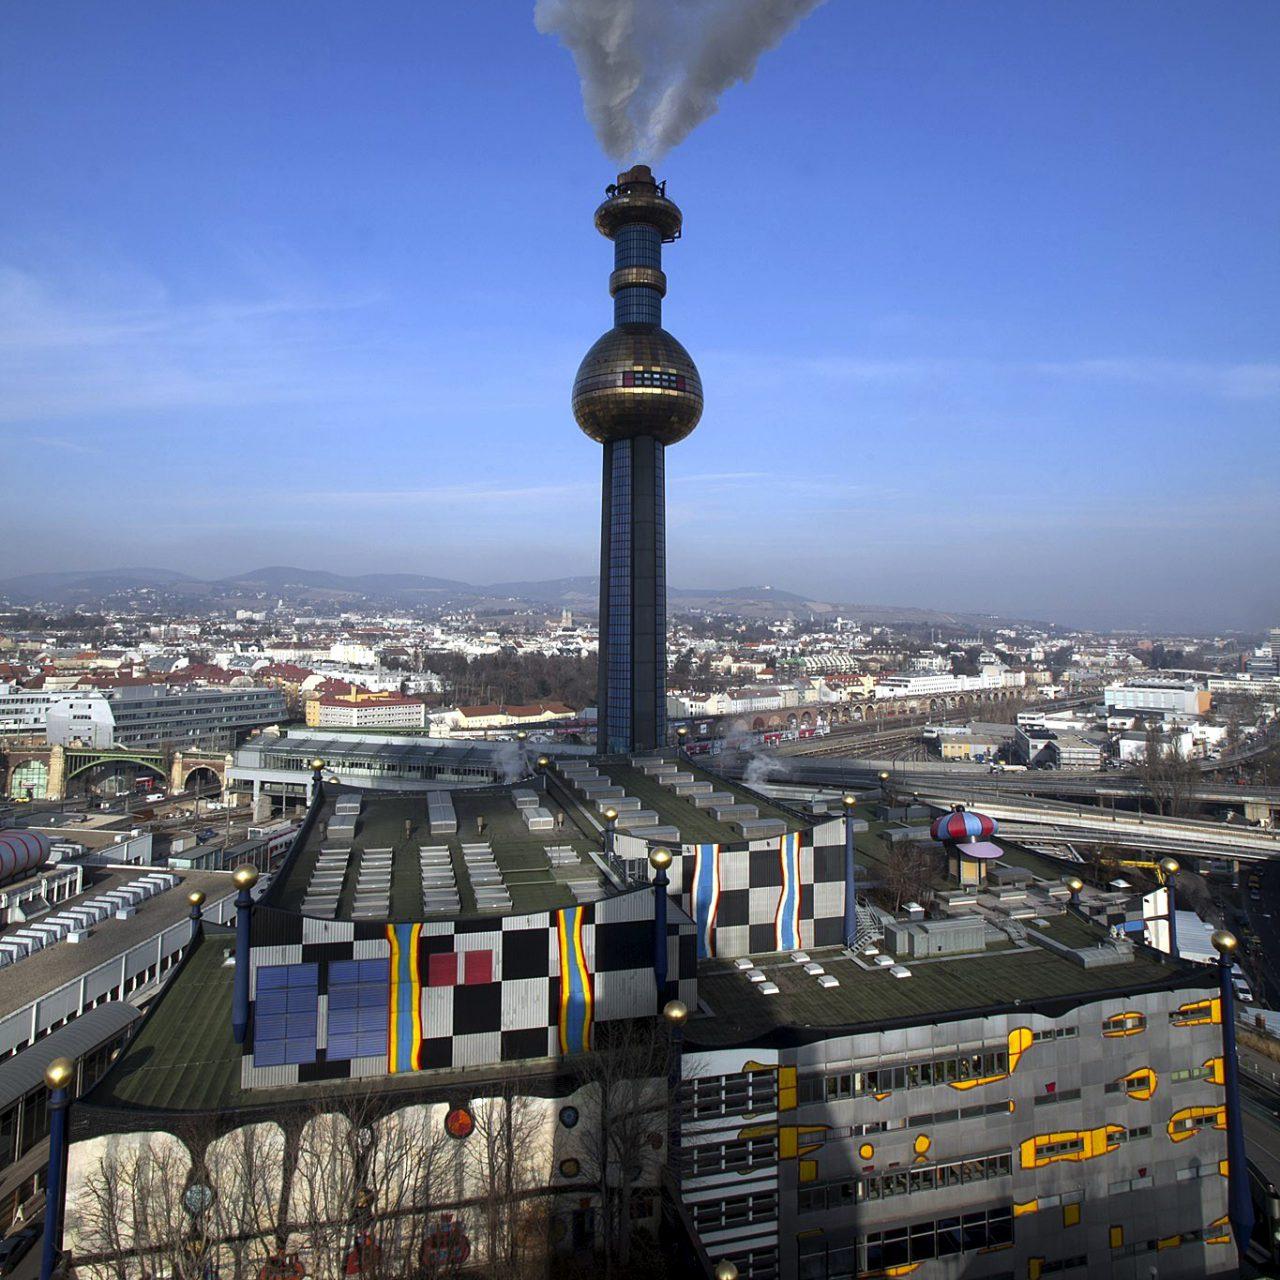 Müllverbrennungsanlage Spittelau. Friedensreich Hundertwasser: Fassadengestaltung 1989